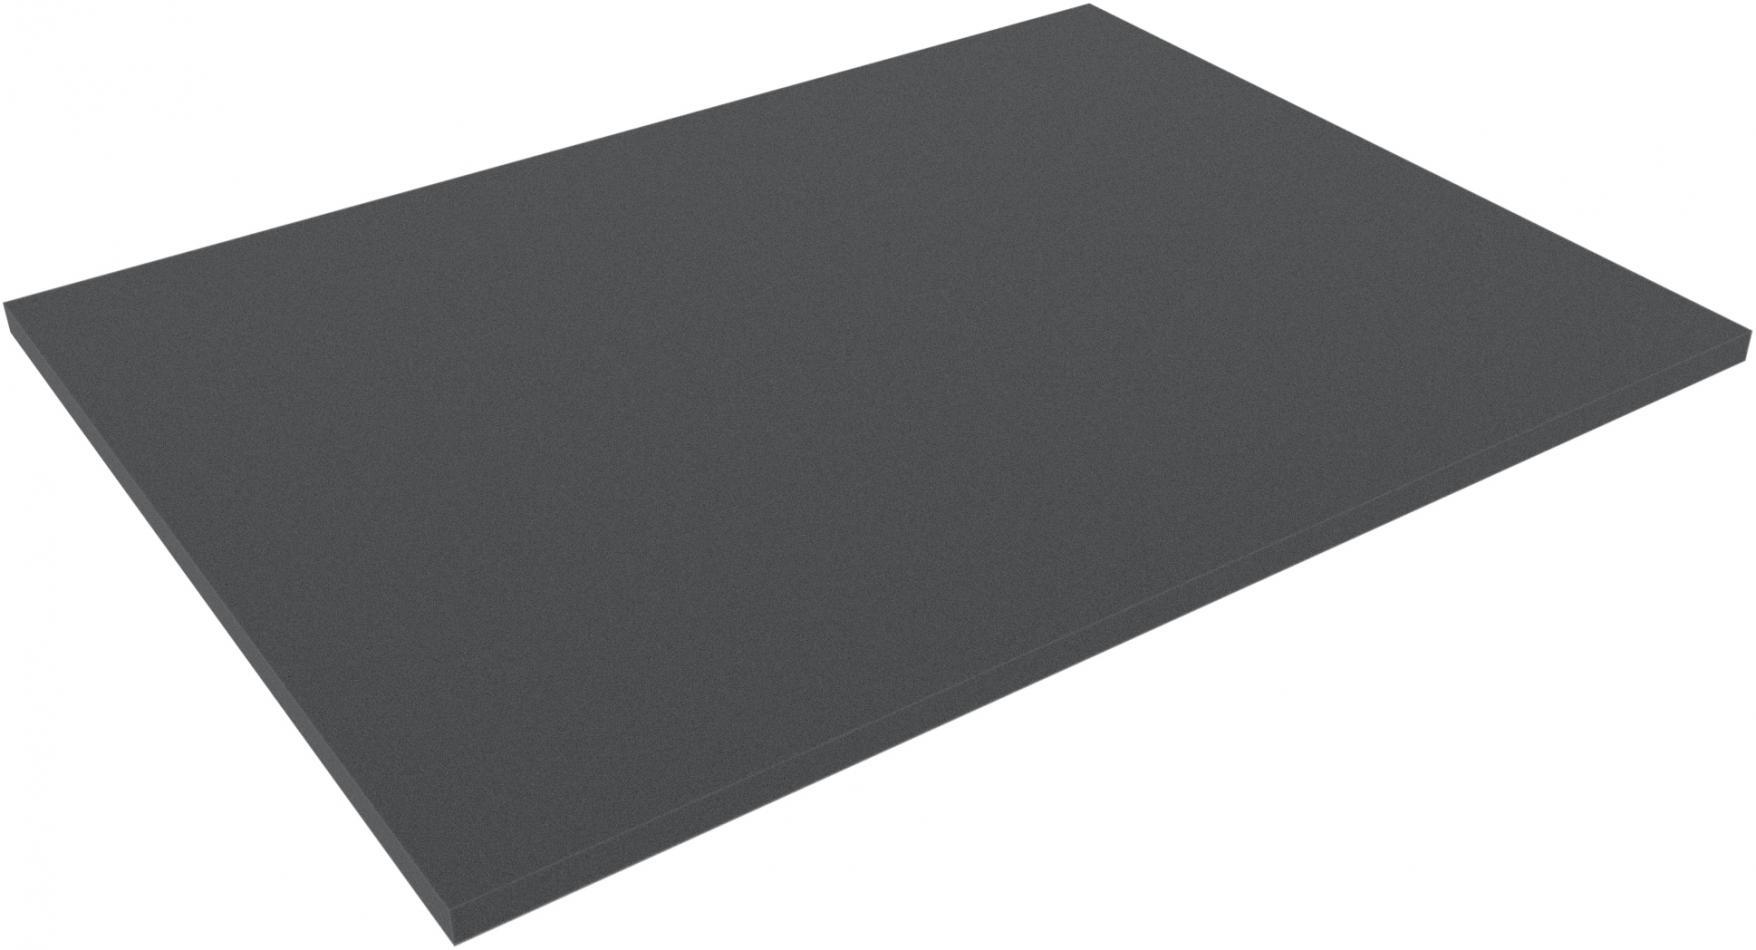 800 mm x 600 mm x 20 mm Foam Topper / Bottom